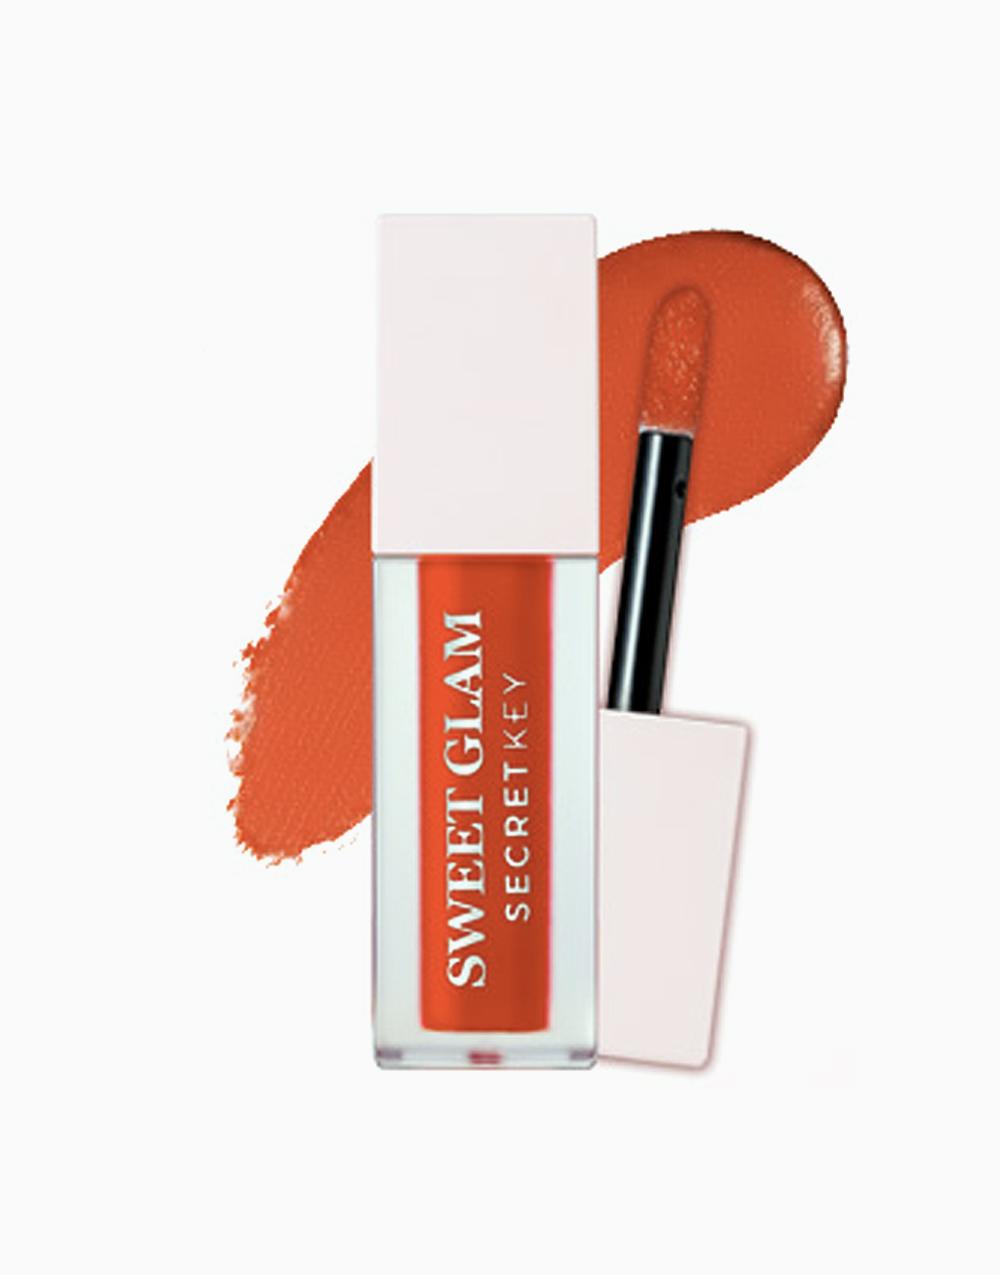 Sweet Glam Velvet Tint (5g) by Secret Key | Orange Berry